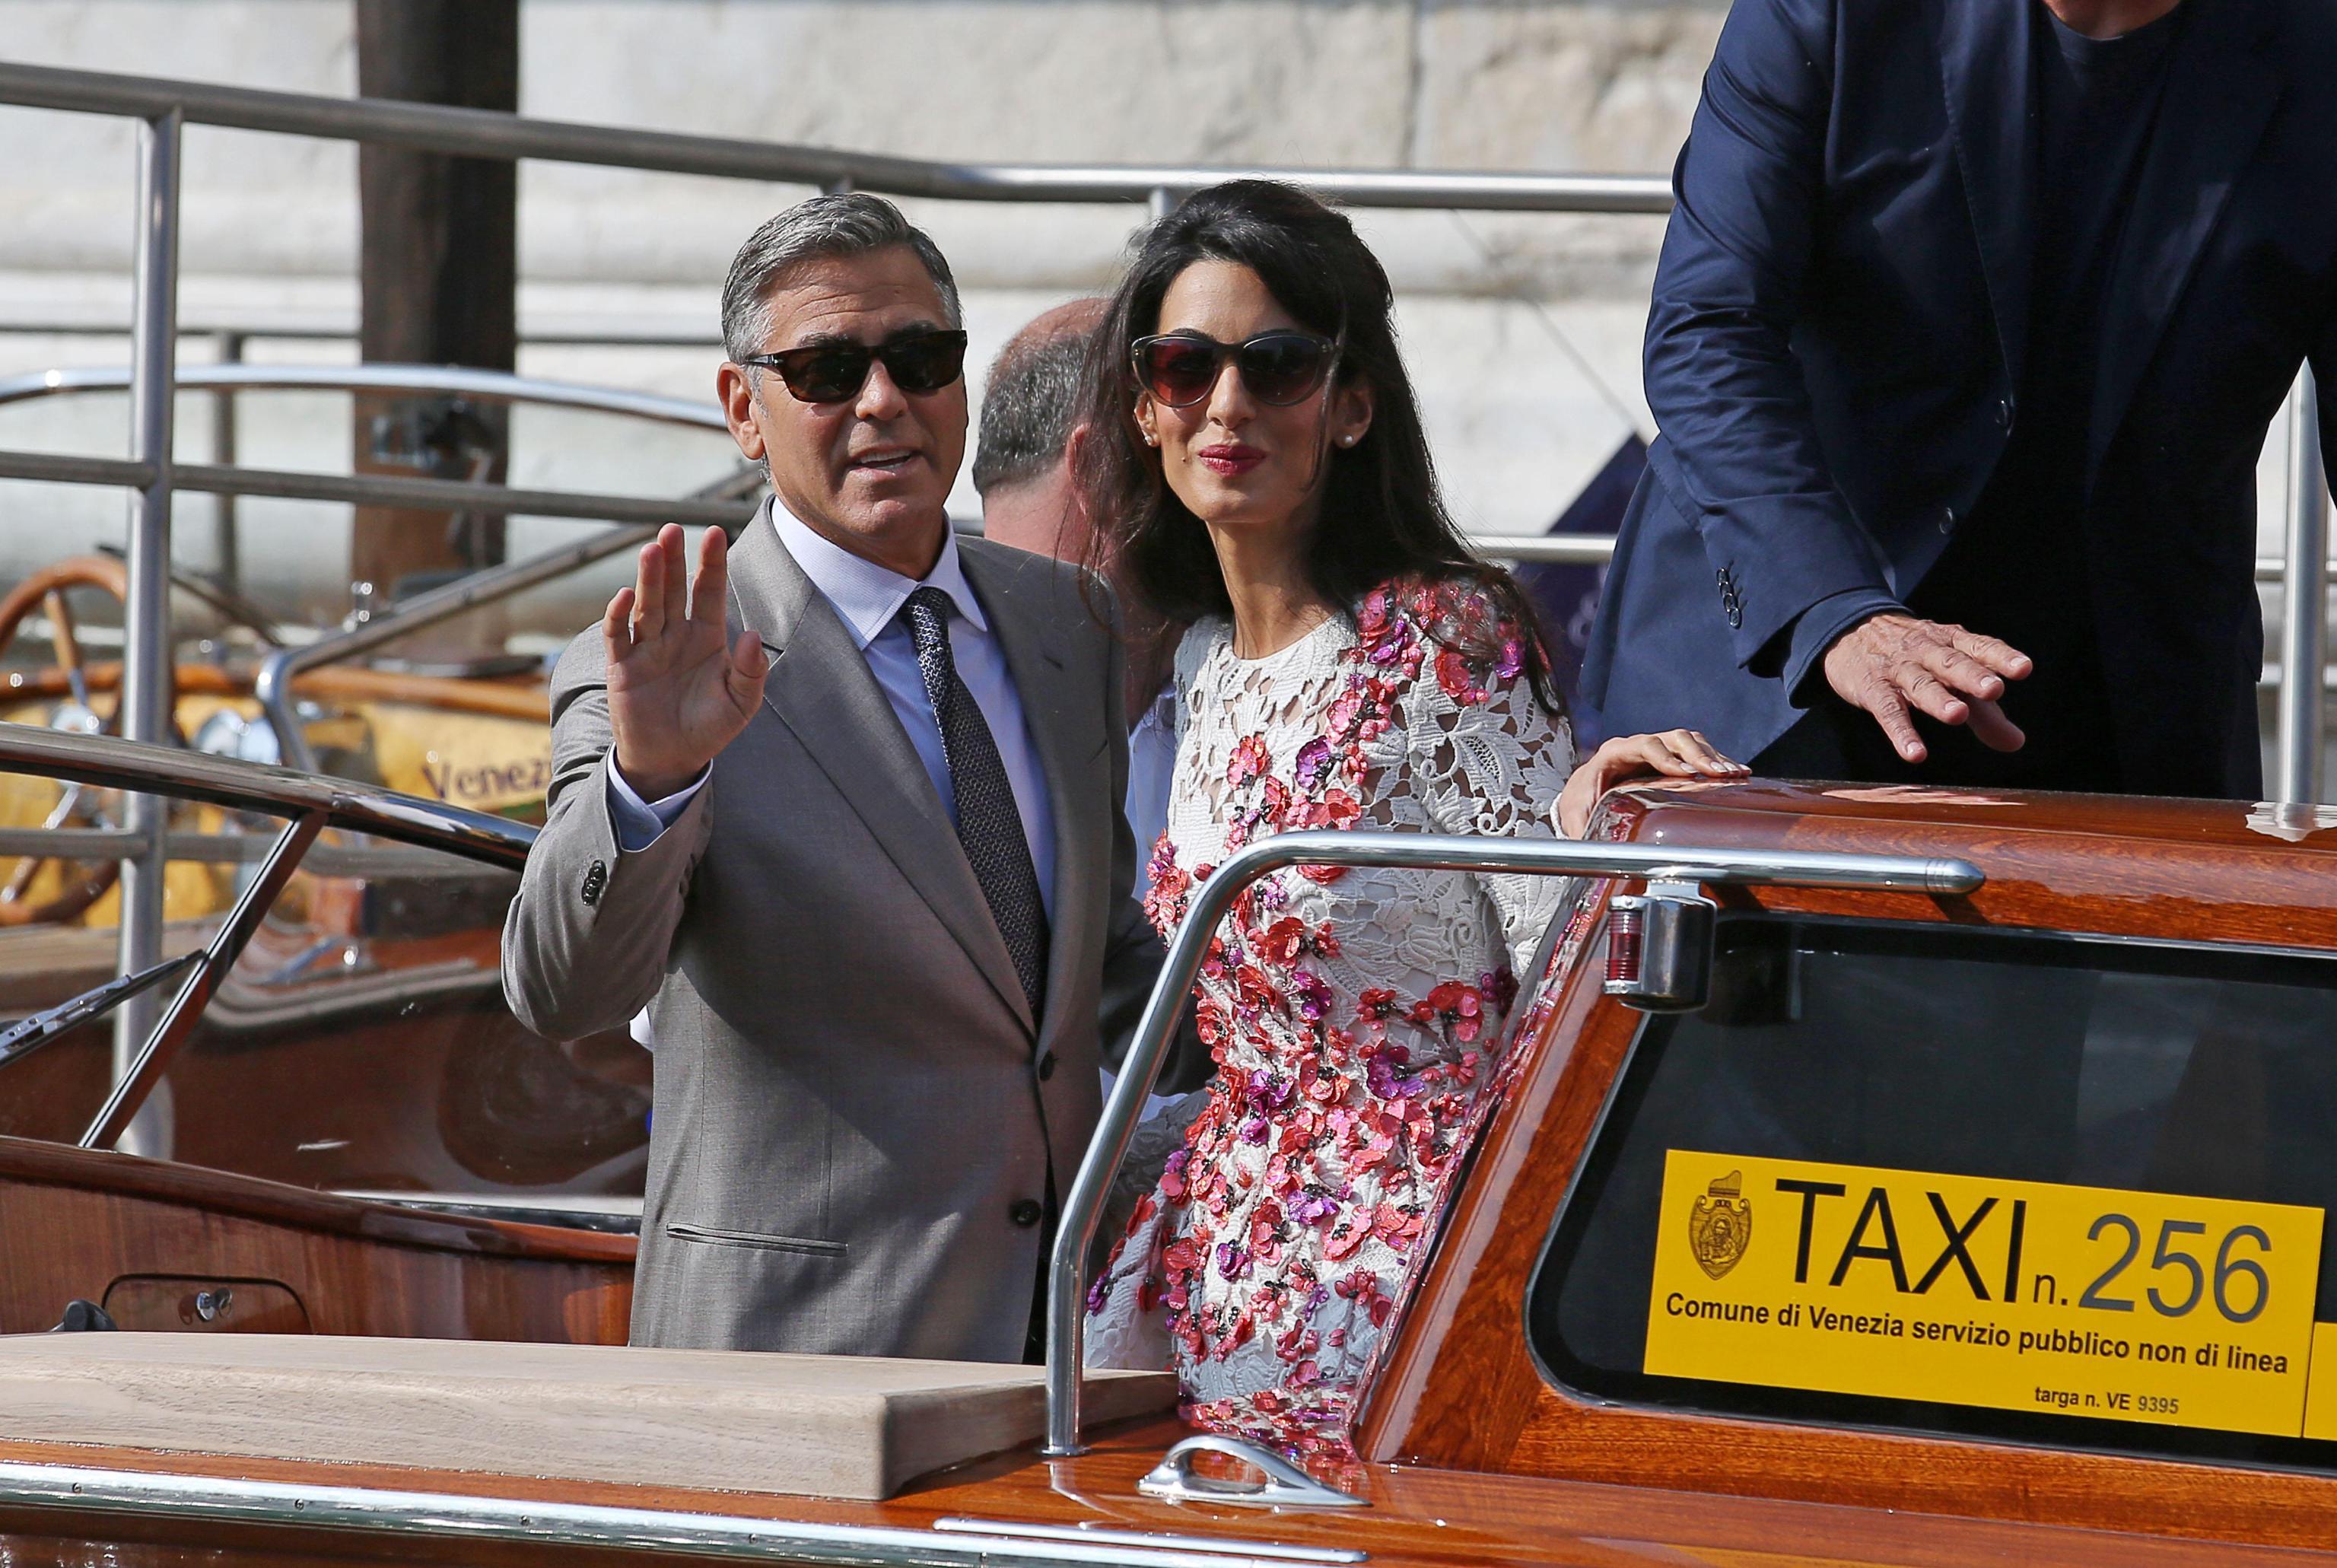 George Clooney papà, Amal Alamuddin mamma: nati i due gemelli